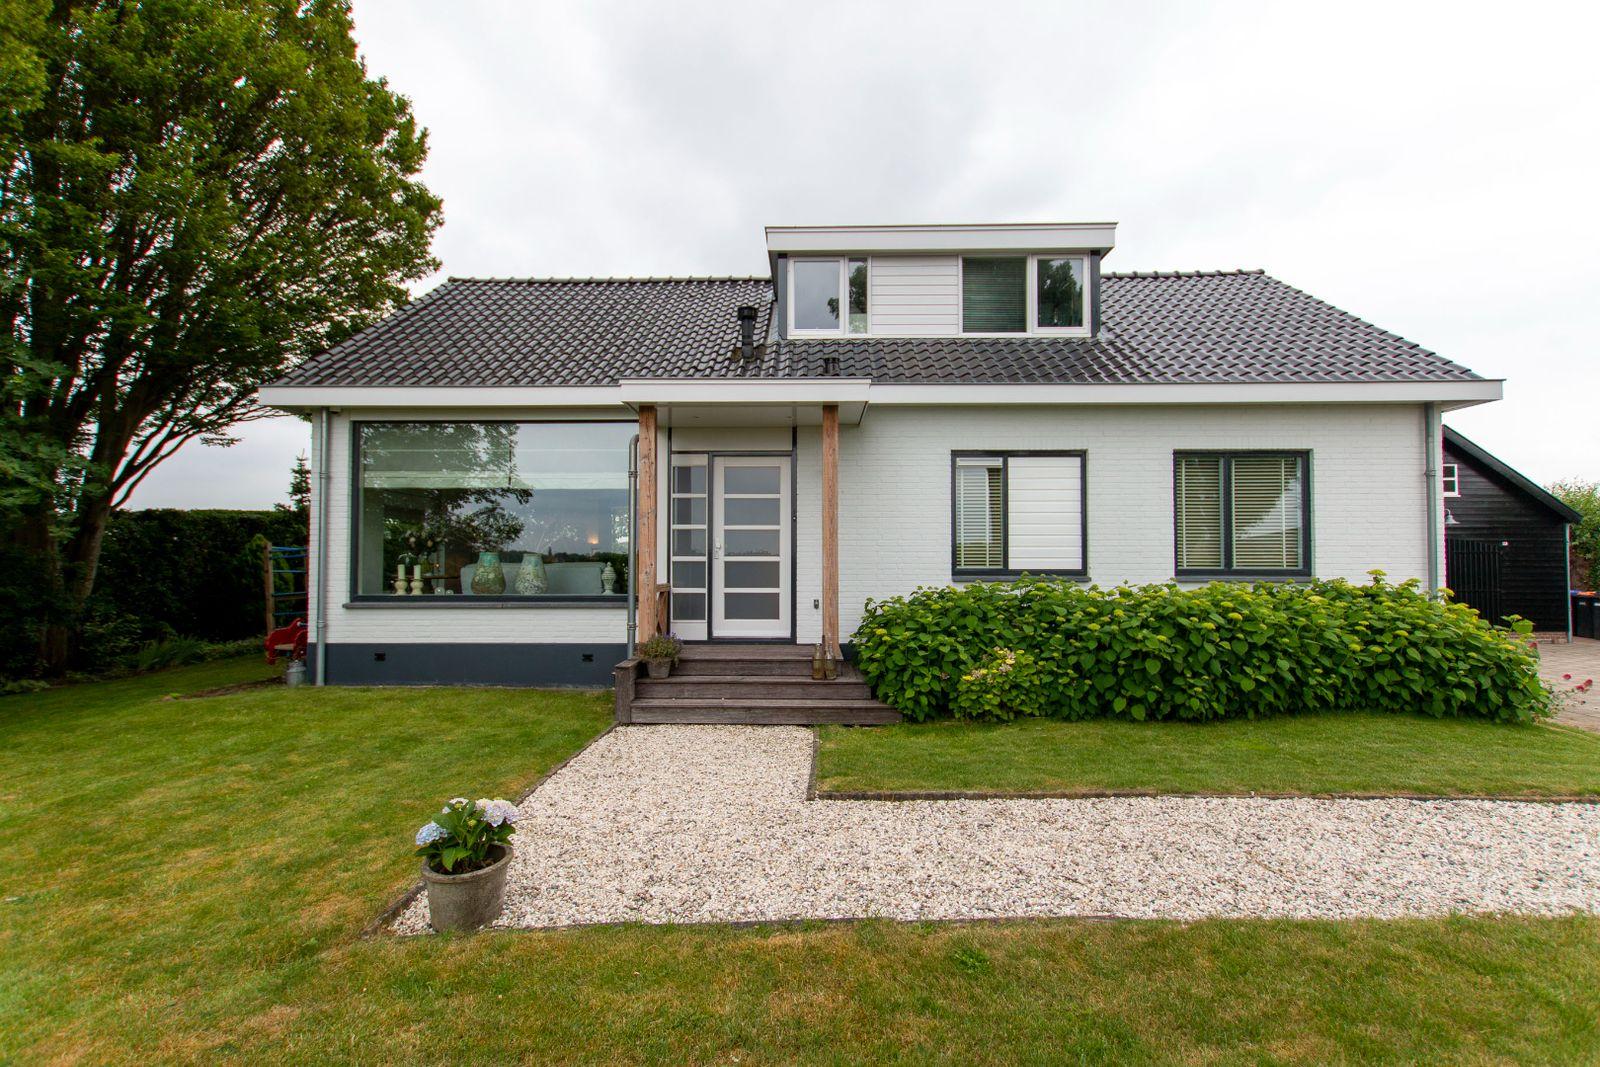 Langeweg 466, Heerjansdam